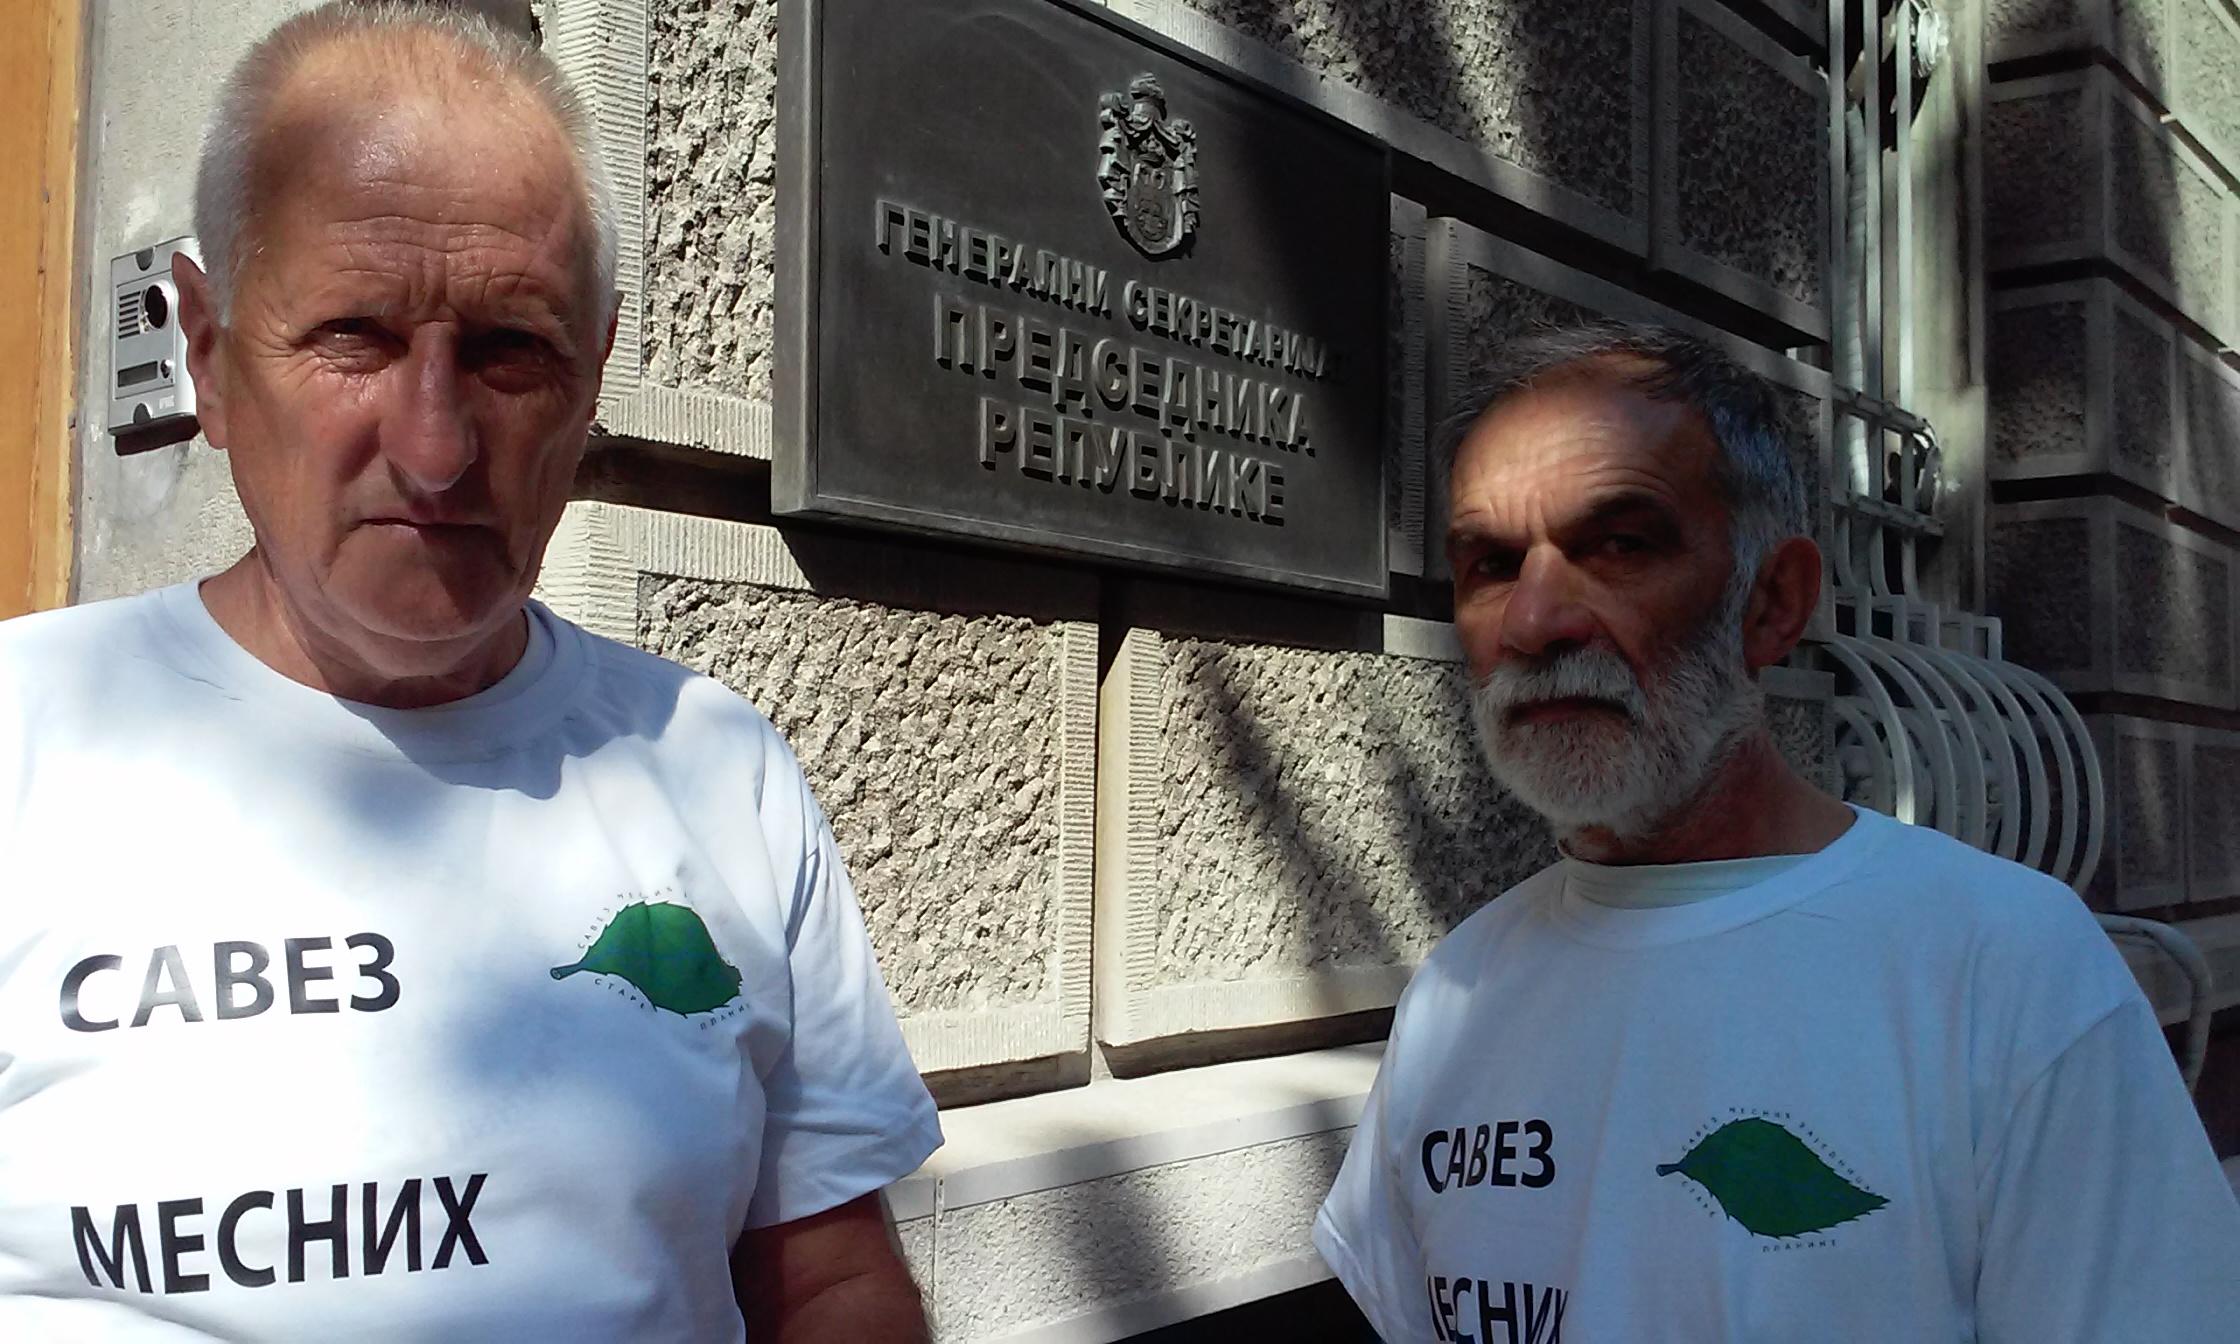 """Nagrada za građanski aktivizam """"Prvi glas građana"""" u ime 40-godišnje borbe za reke i prirodu"""